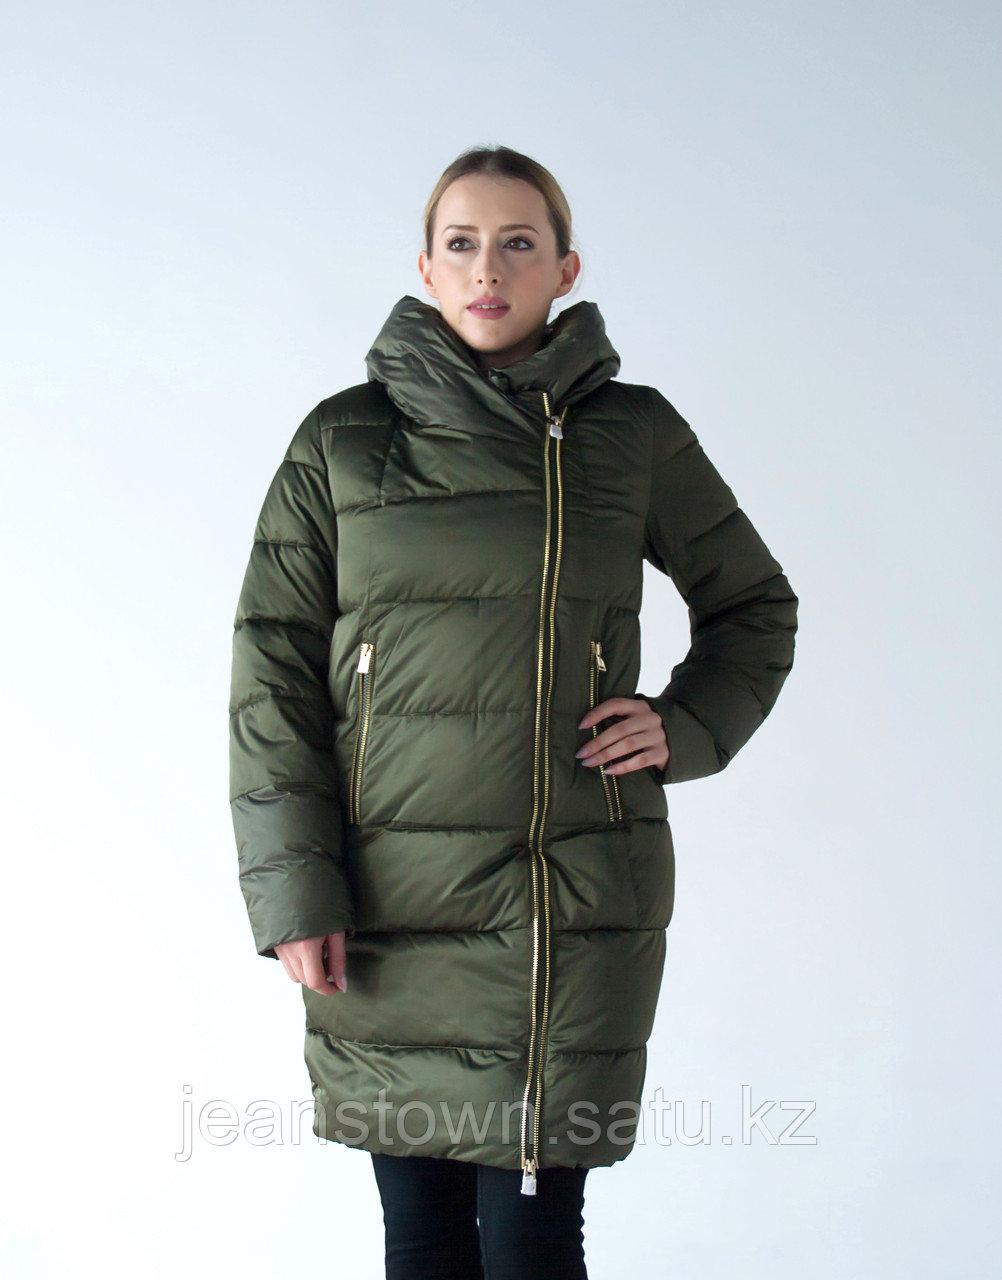 Куртка женская зимняя Evacana длинная, зеленая